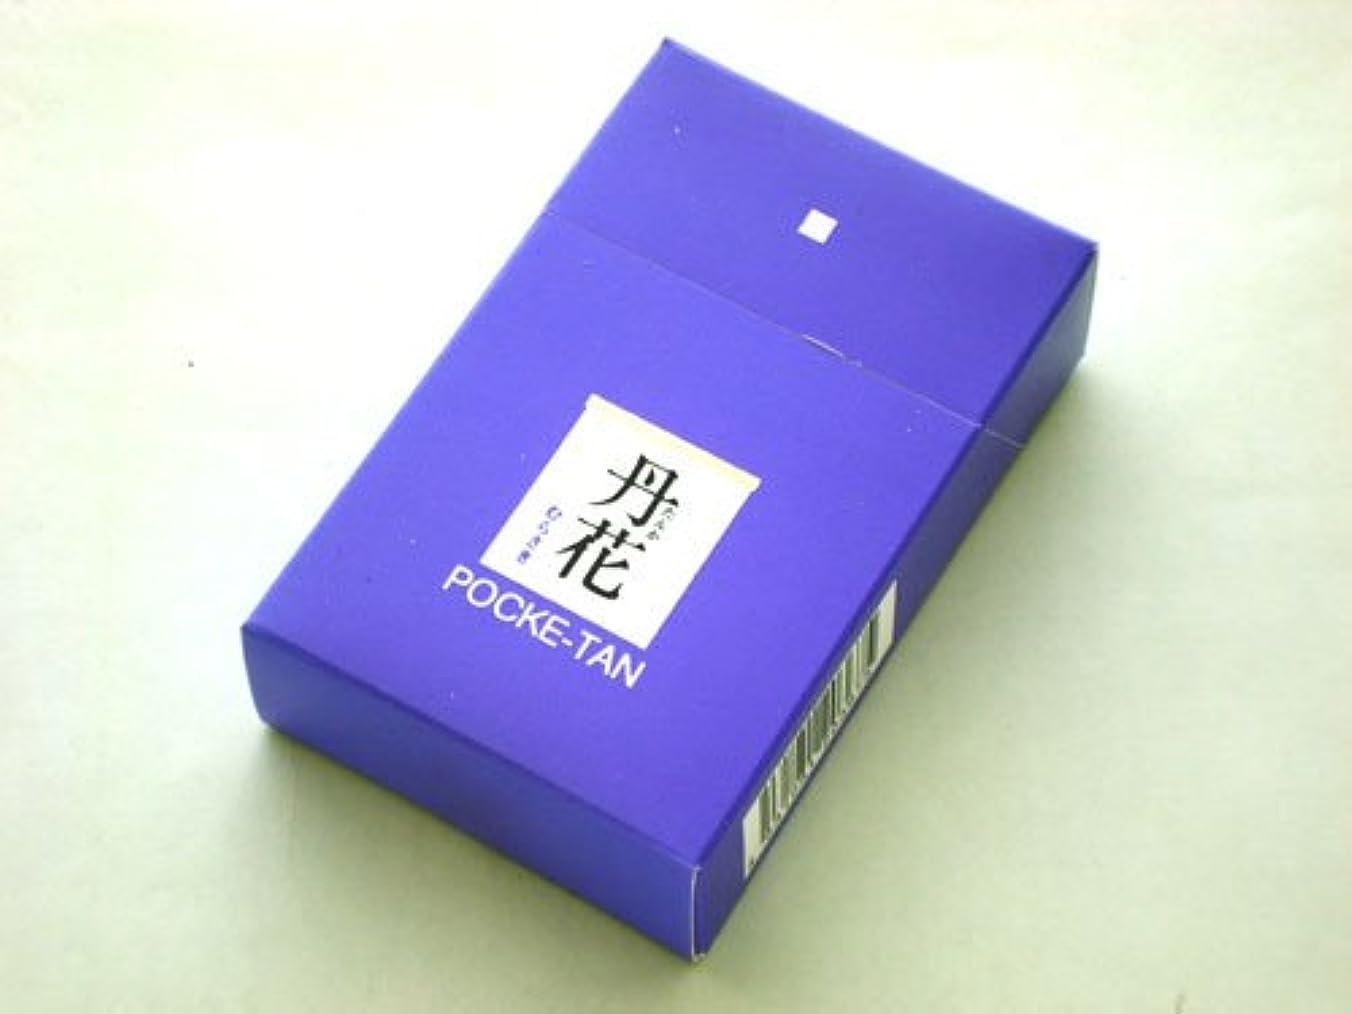 フォーラムライムオリエンタル大発のお香 ポケタン紫 【スティック】